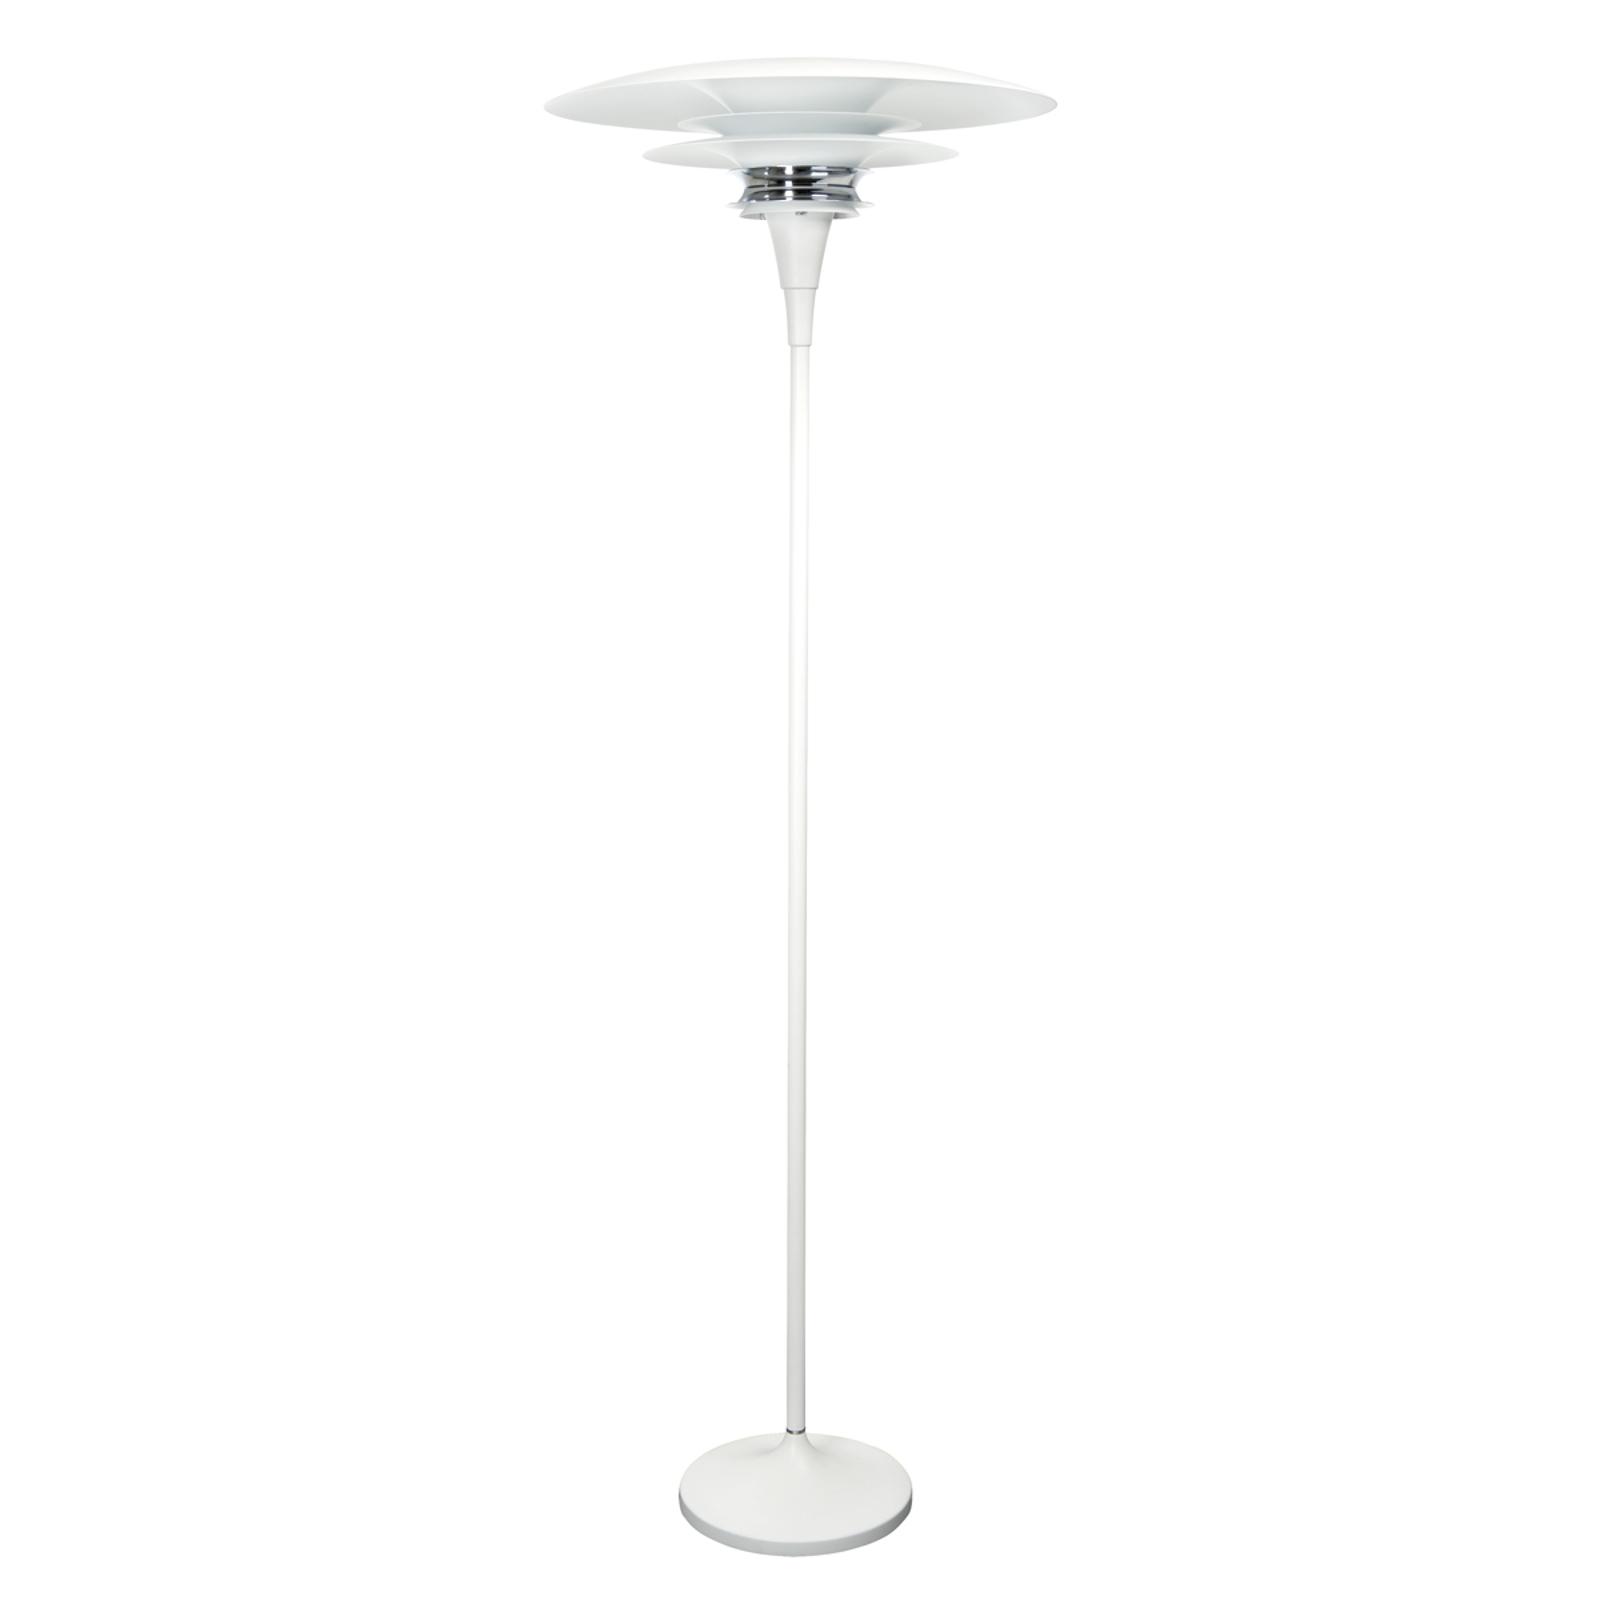 Modische Stehlampe Diablo in Weiß